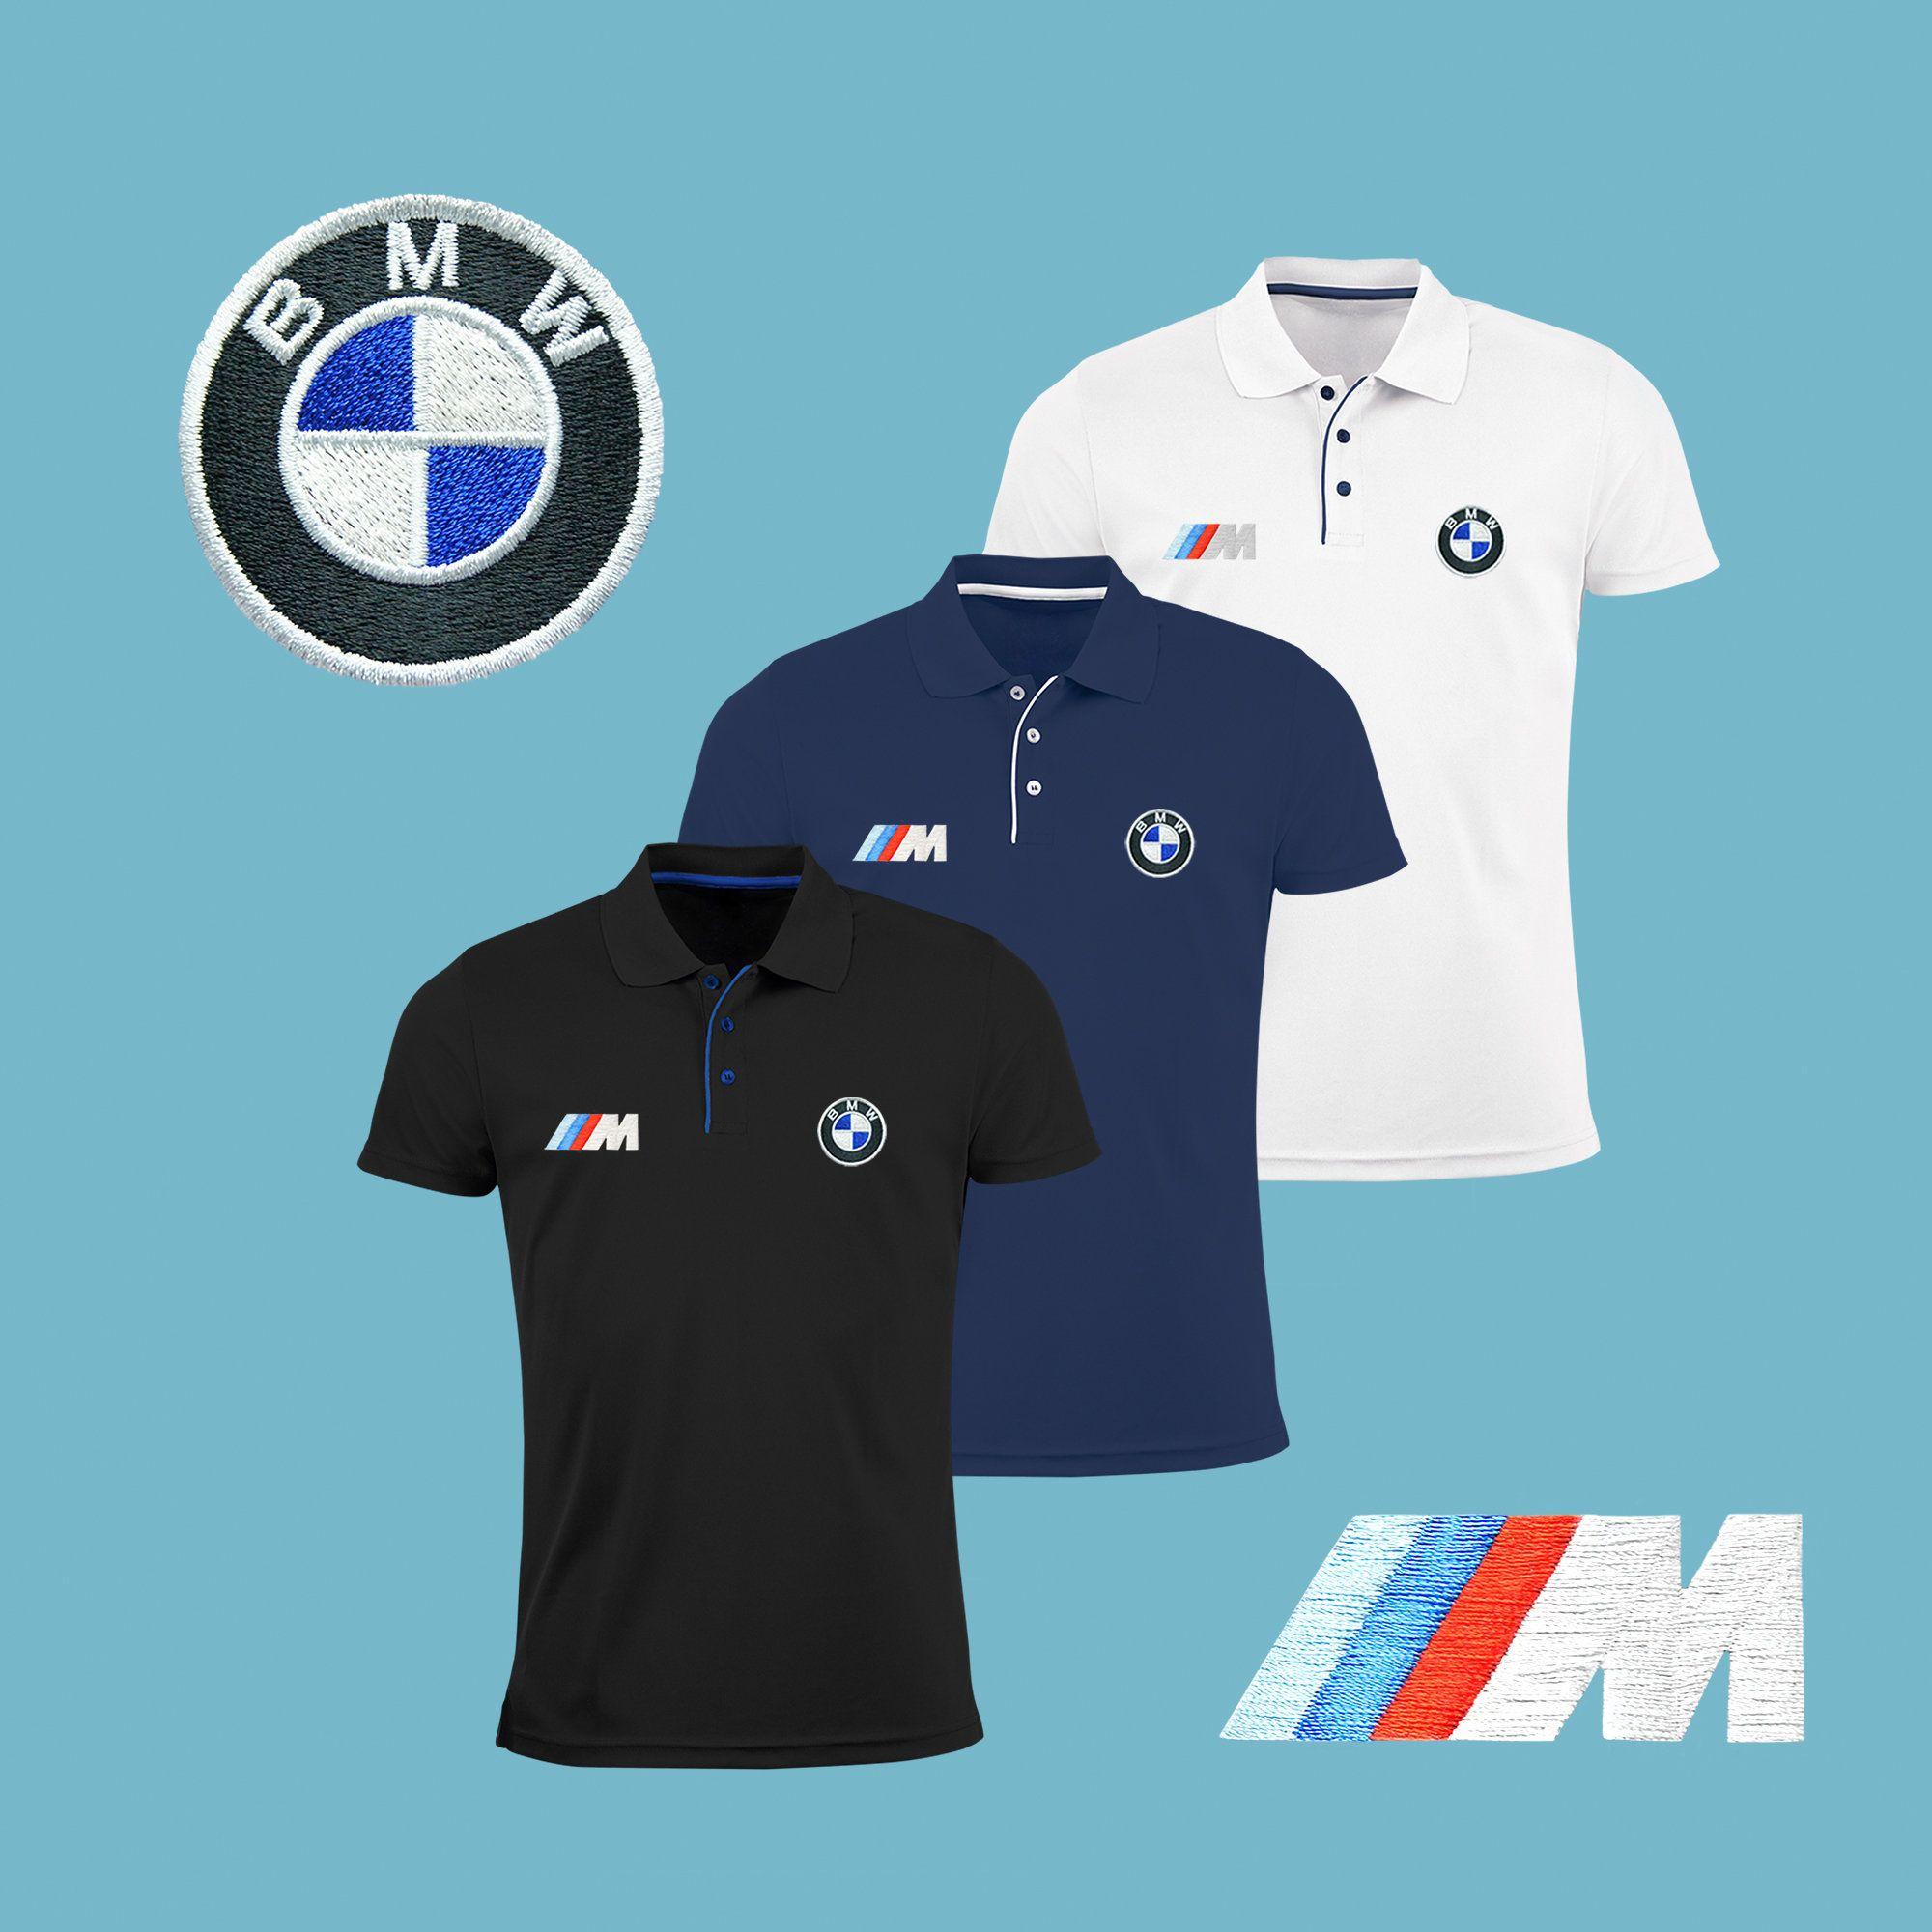 Bmw M Power Polo Shirt Embroidered Mensfashion Menswear Menstyle Mensfashion Guide Tshirt Poloshirt Polo T Shirts Slim Fit Polo Shirts Mens Polo Shirts